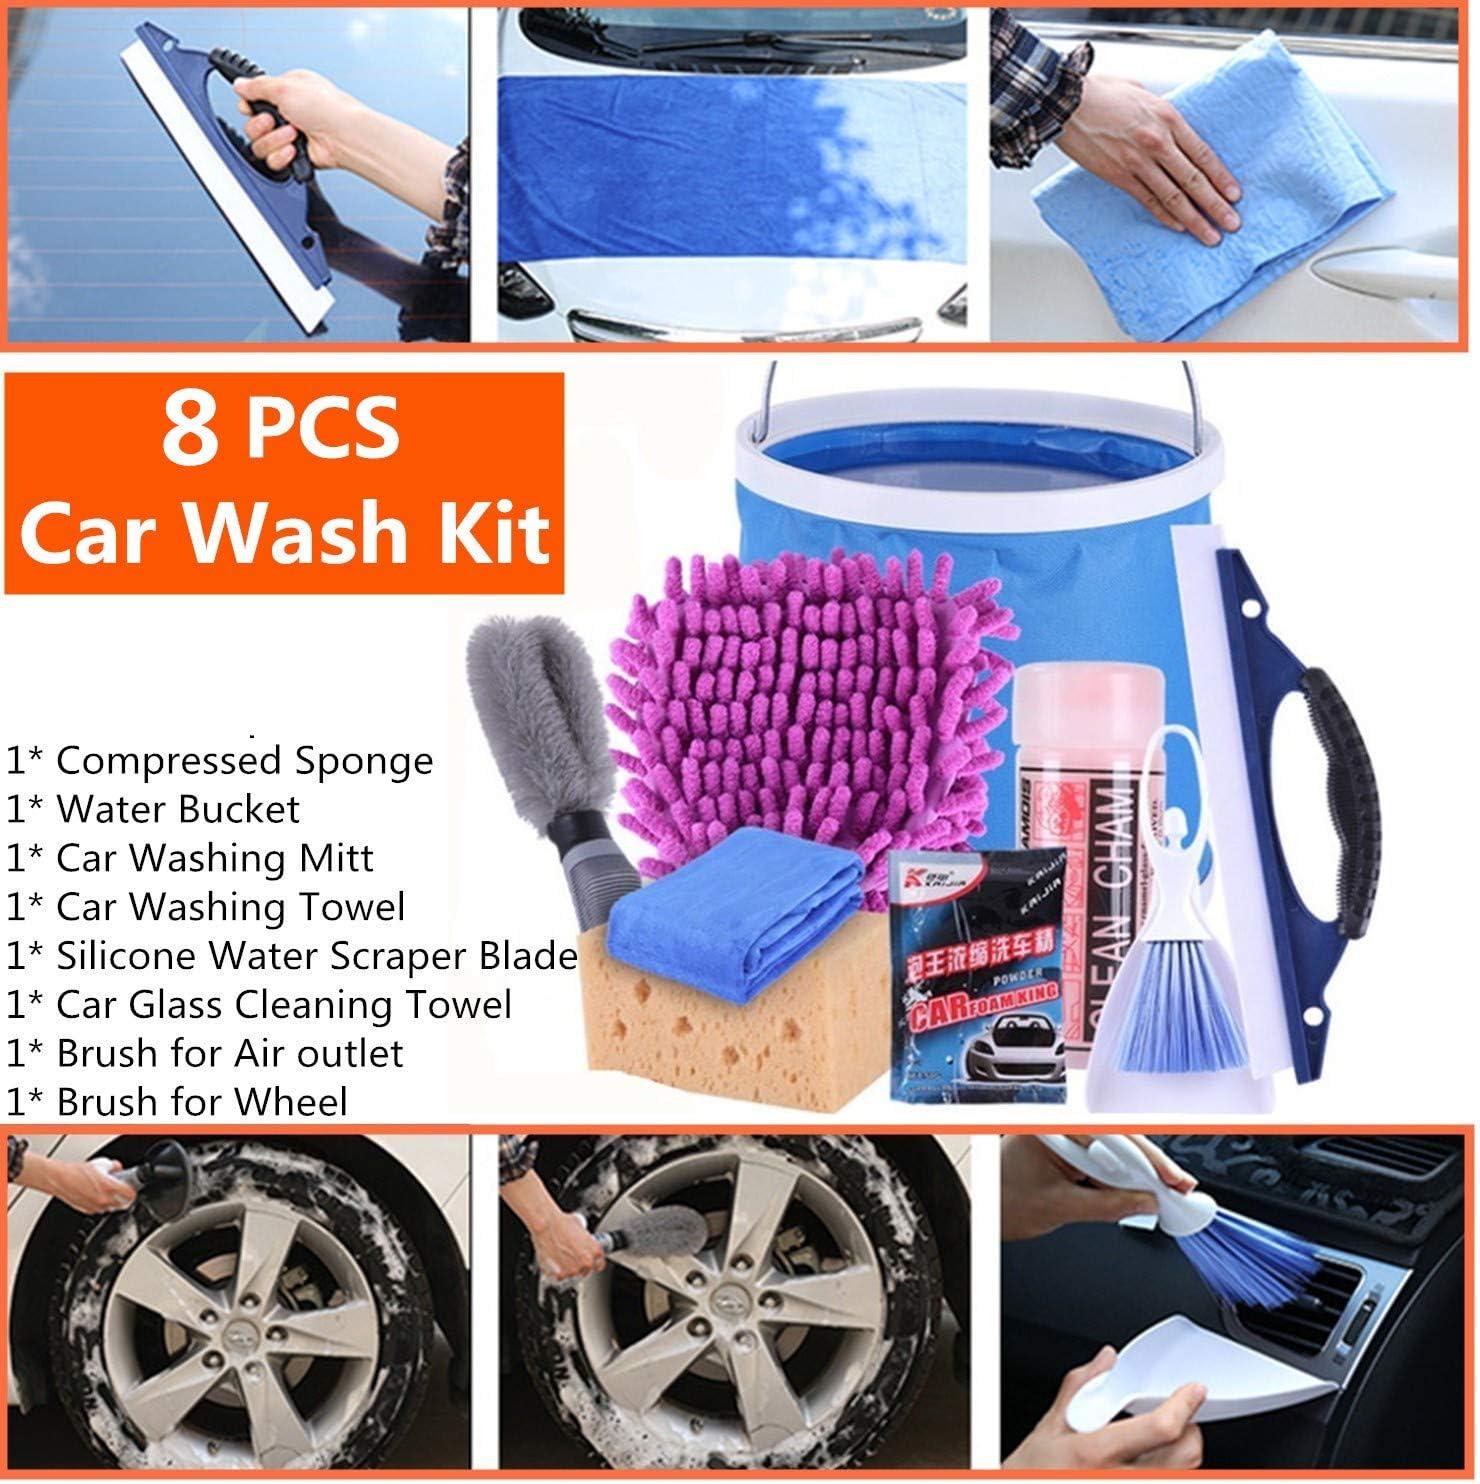 Limpieza Kit de Coche Moto Limpiar Herramientas 8 PICS - Wash Mitt, Sponge, Toalla de absorción de agua, Paños de microfibra, Enjugador, Cepillo, Cubo de agua: Amazon.es: Coche y moto